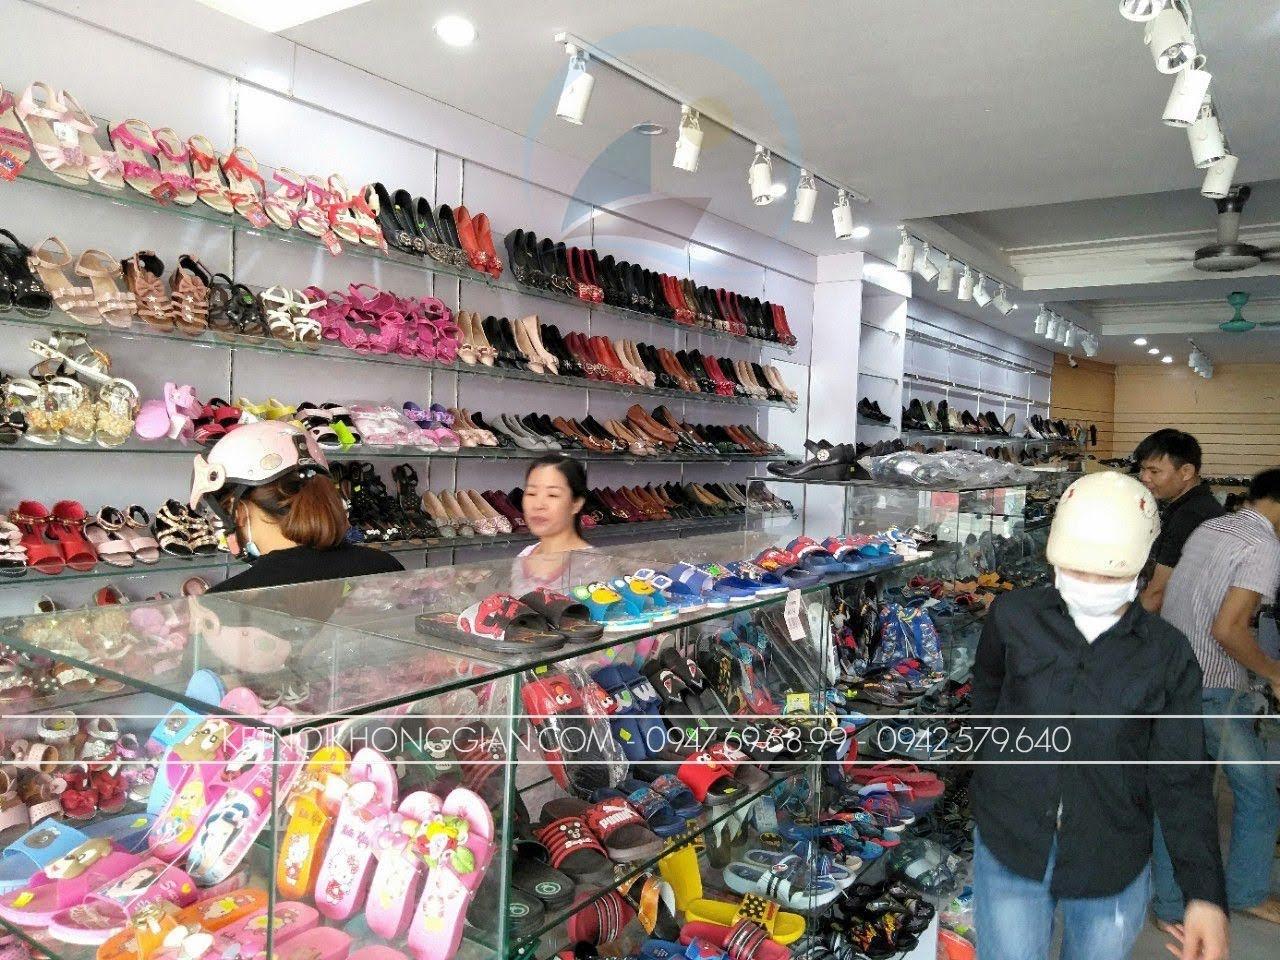 thiết kế thi công nội thất shop giày dép thời trang 4